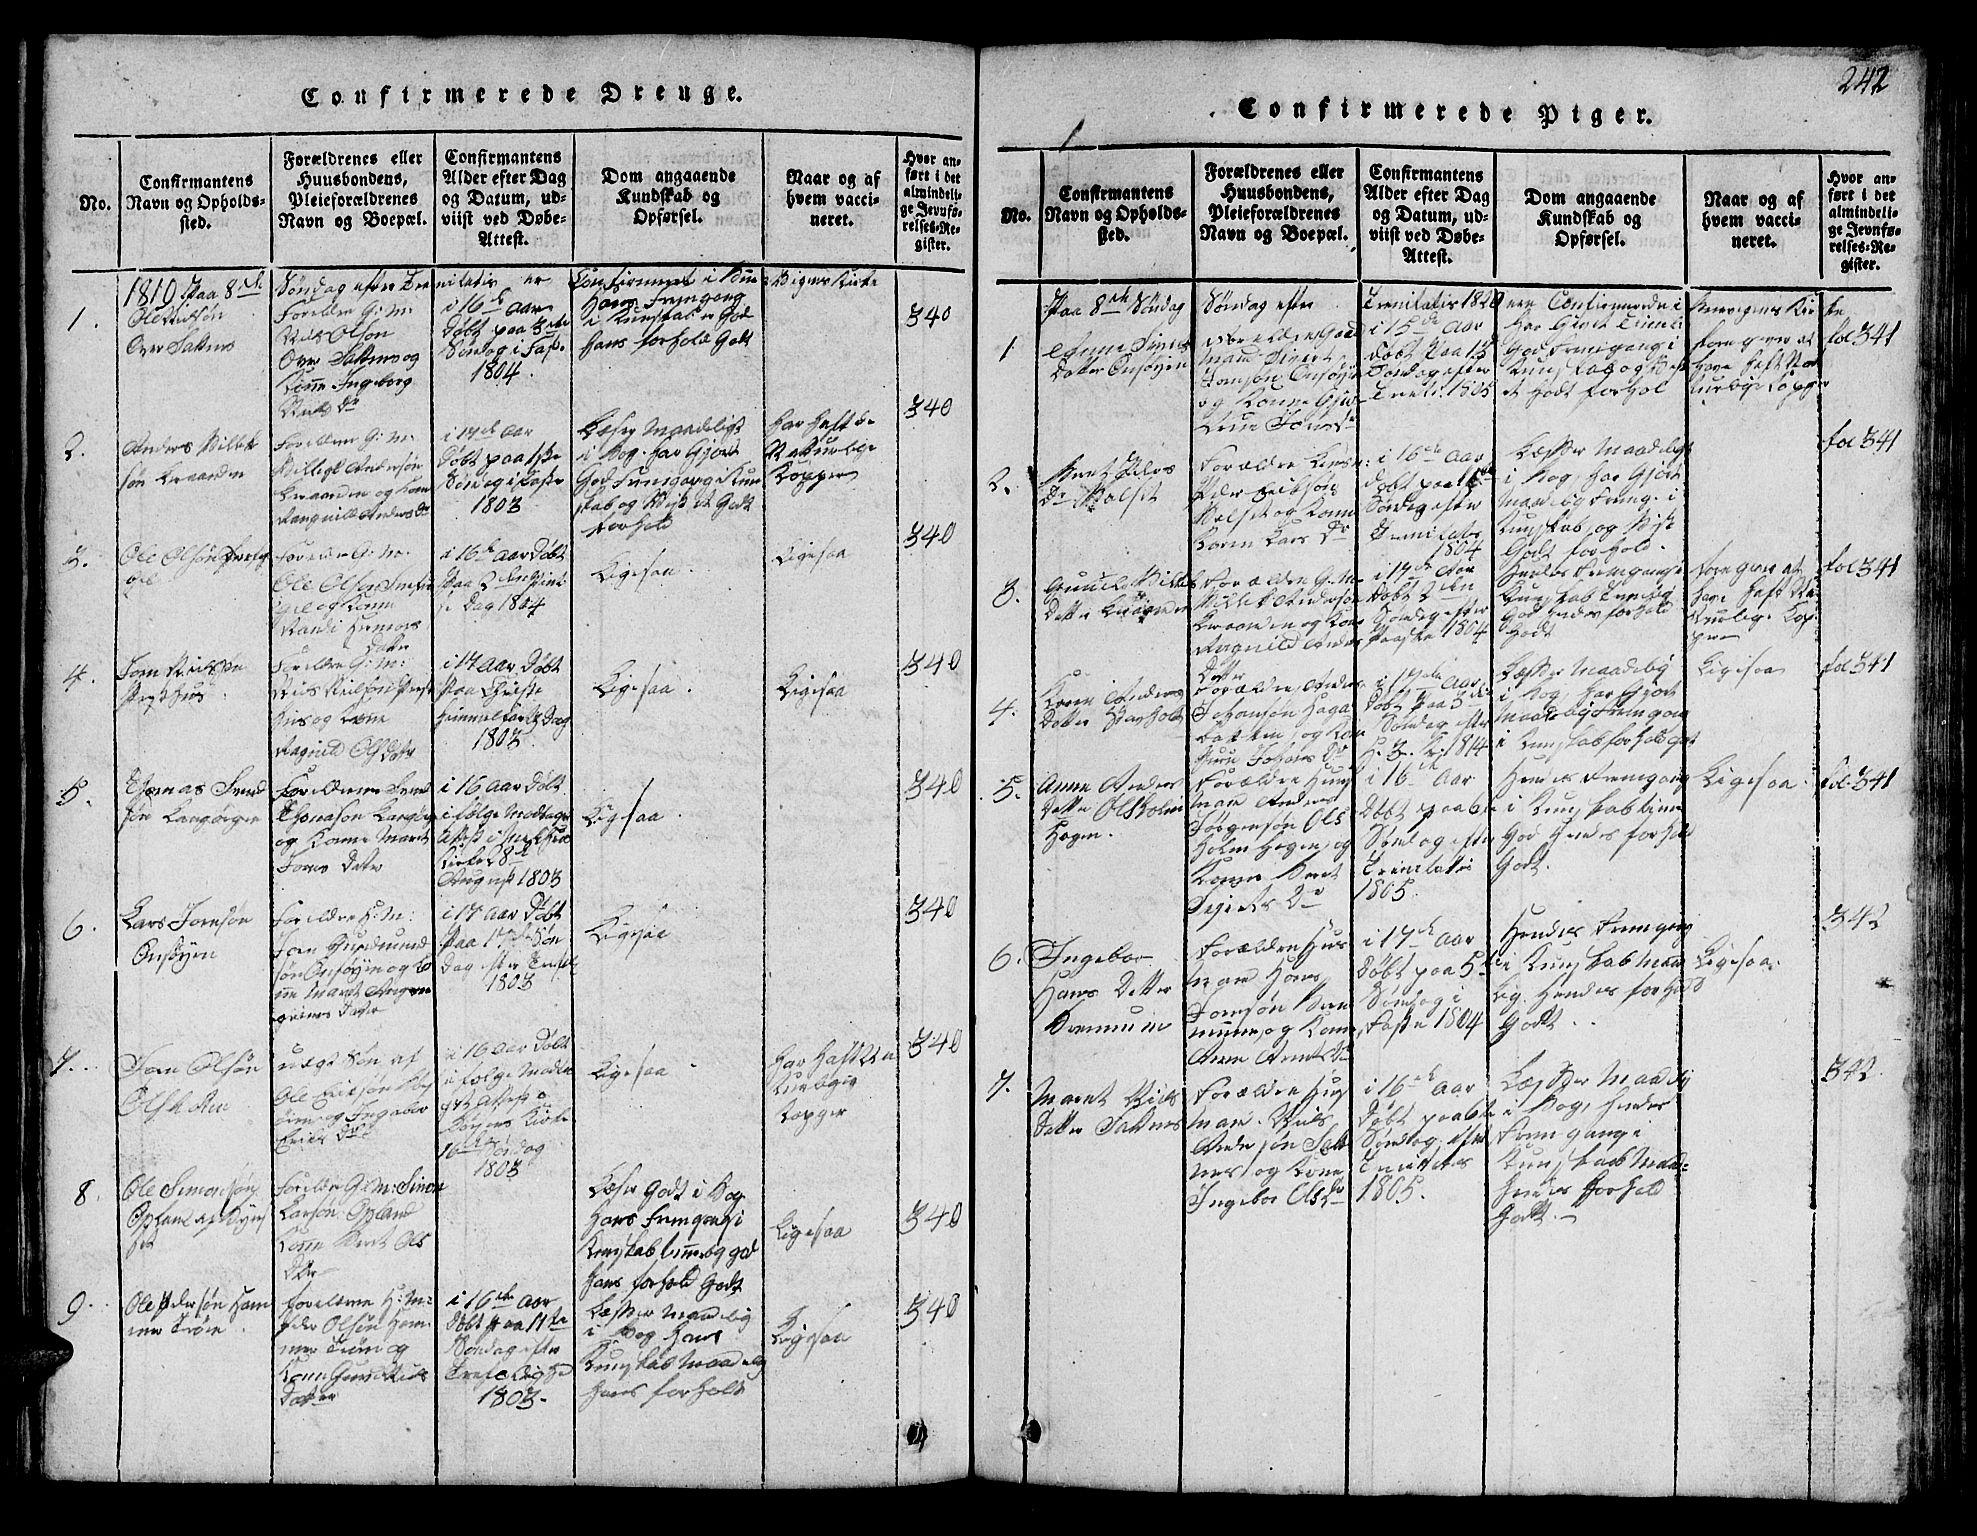 SAT, Ministerialprotokoller, klokkerbøker og fødselsregistre - Sør-Trøndelag, 666/L0788: Klokkerbok nr. 666C01, 1816-1847, s. 242